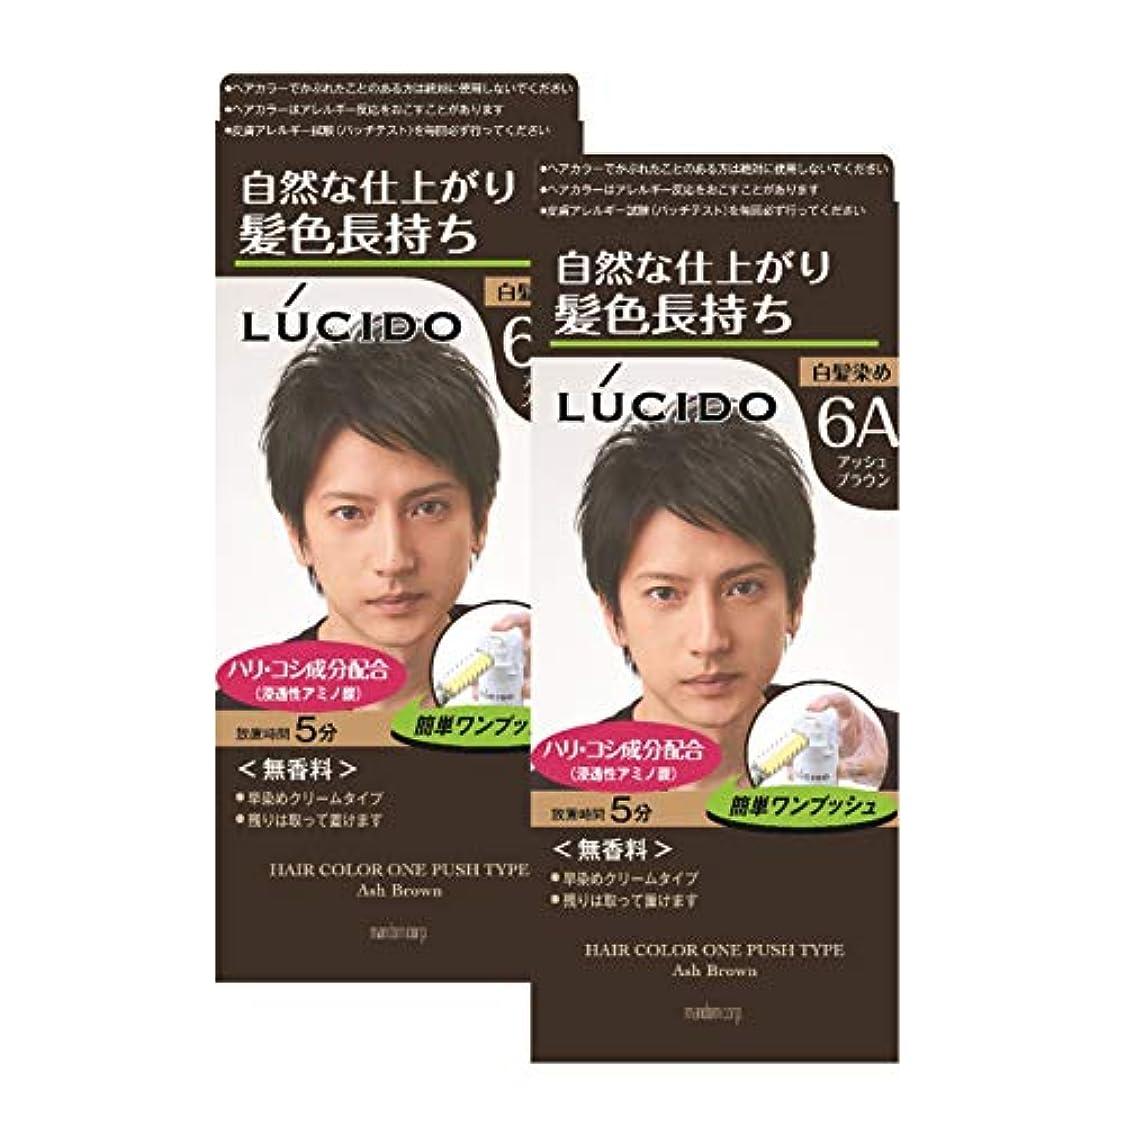 デザイナー倒錯援助LUCIDO(ルシード) ルシード ワンプッシュケアカラー アッシュブラウン (医薬部外品) 白髪染め 2個パック